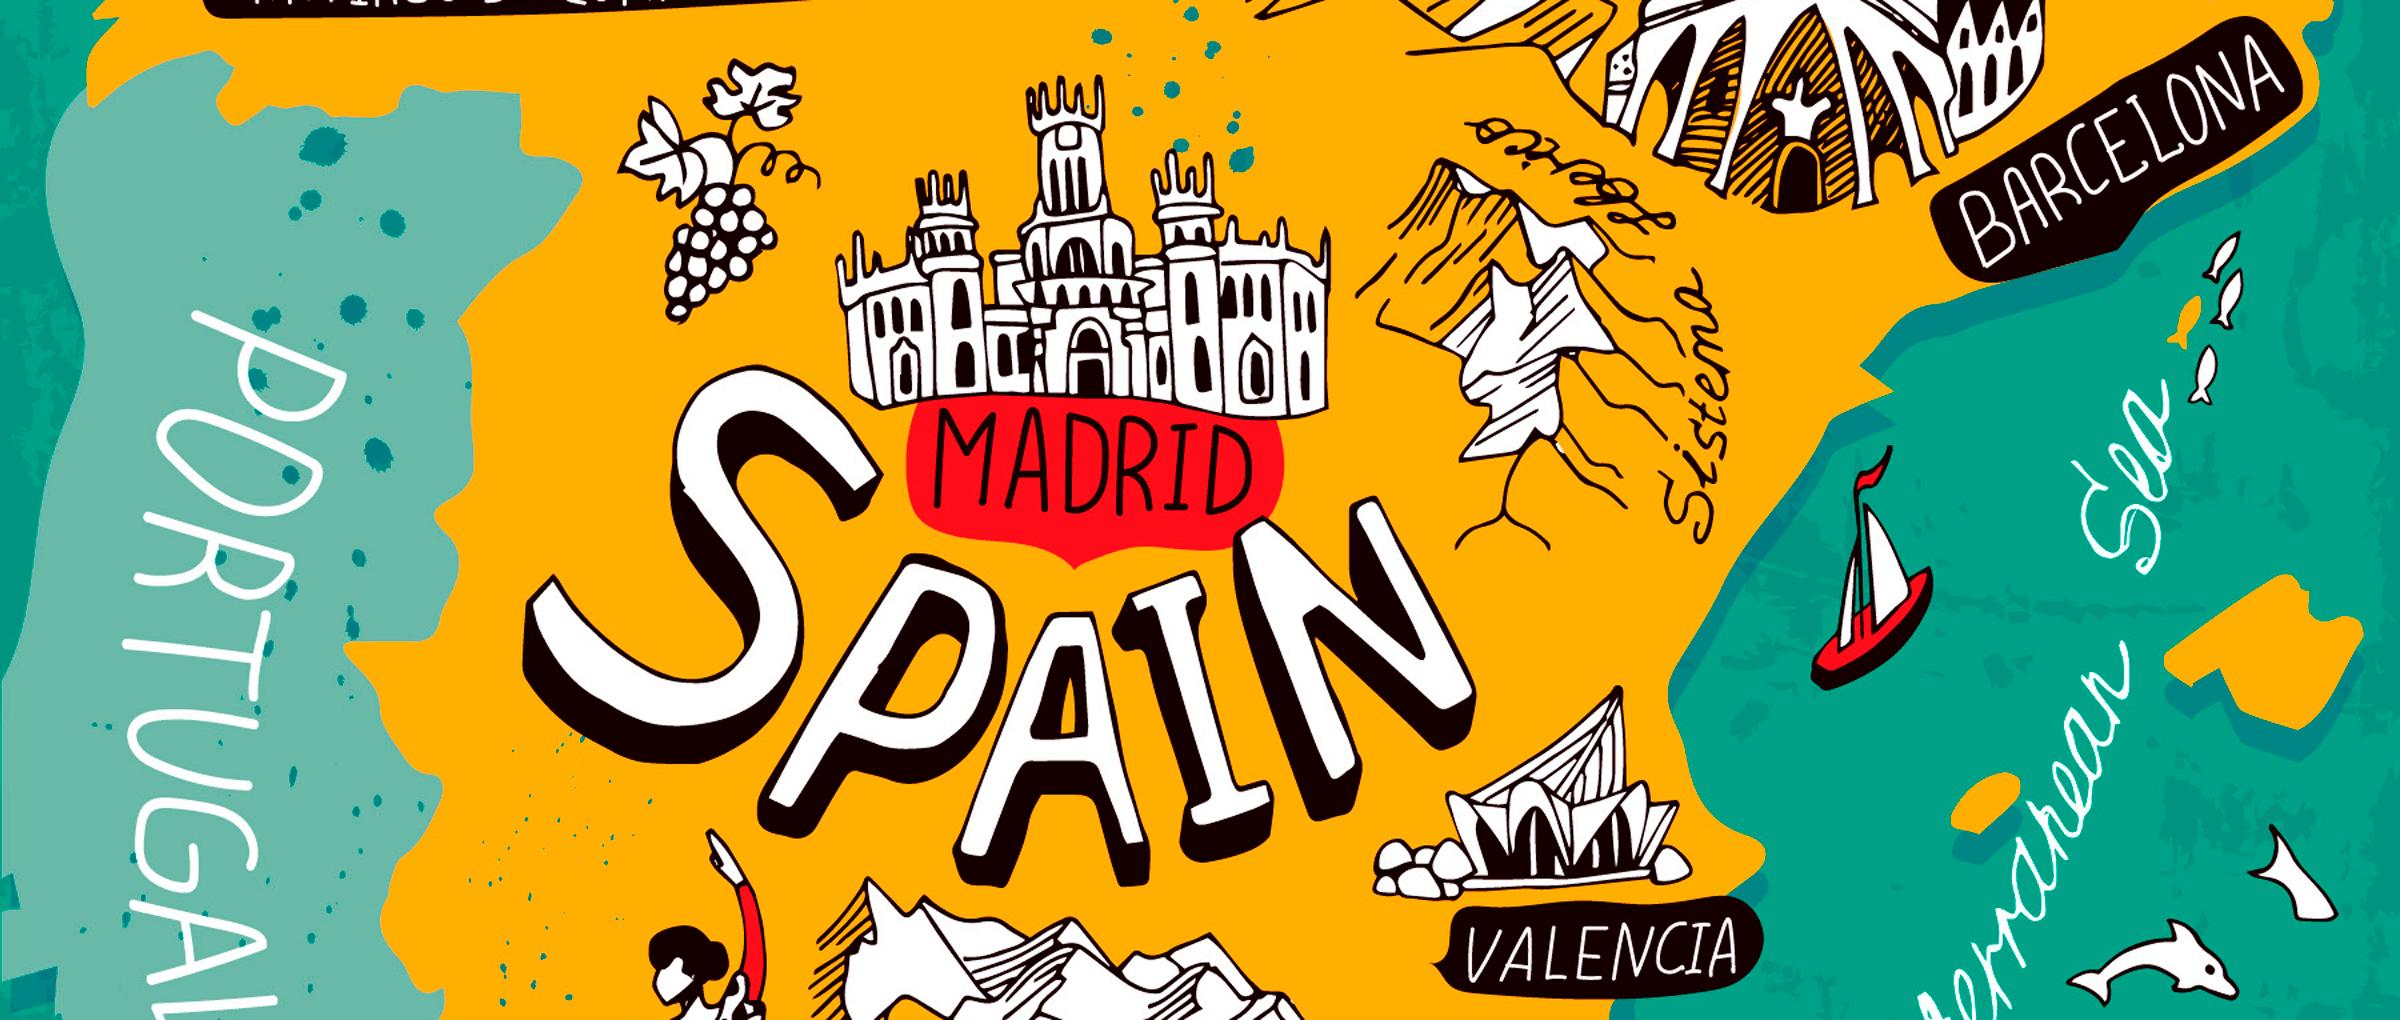 Viajar a España para donación de óvulos y semen